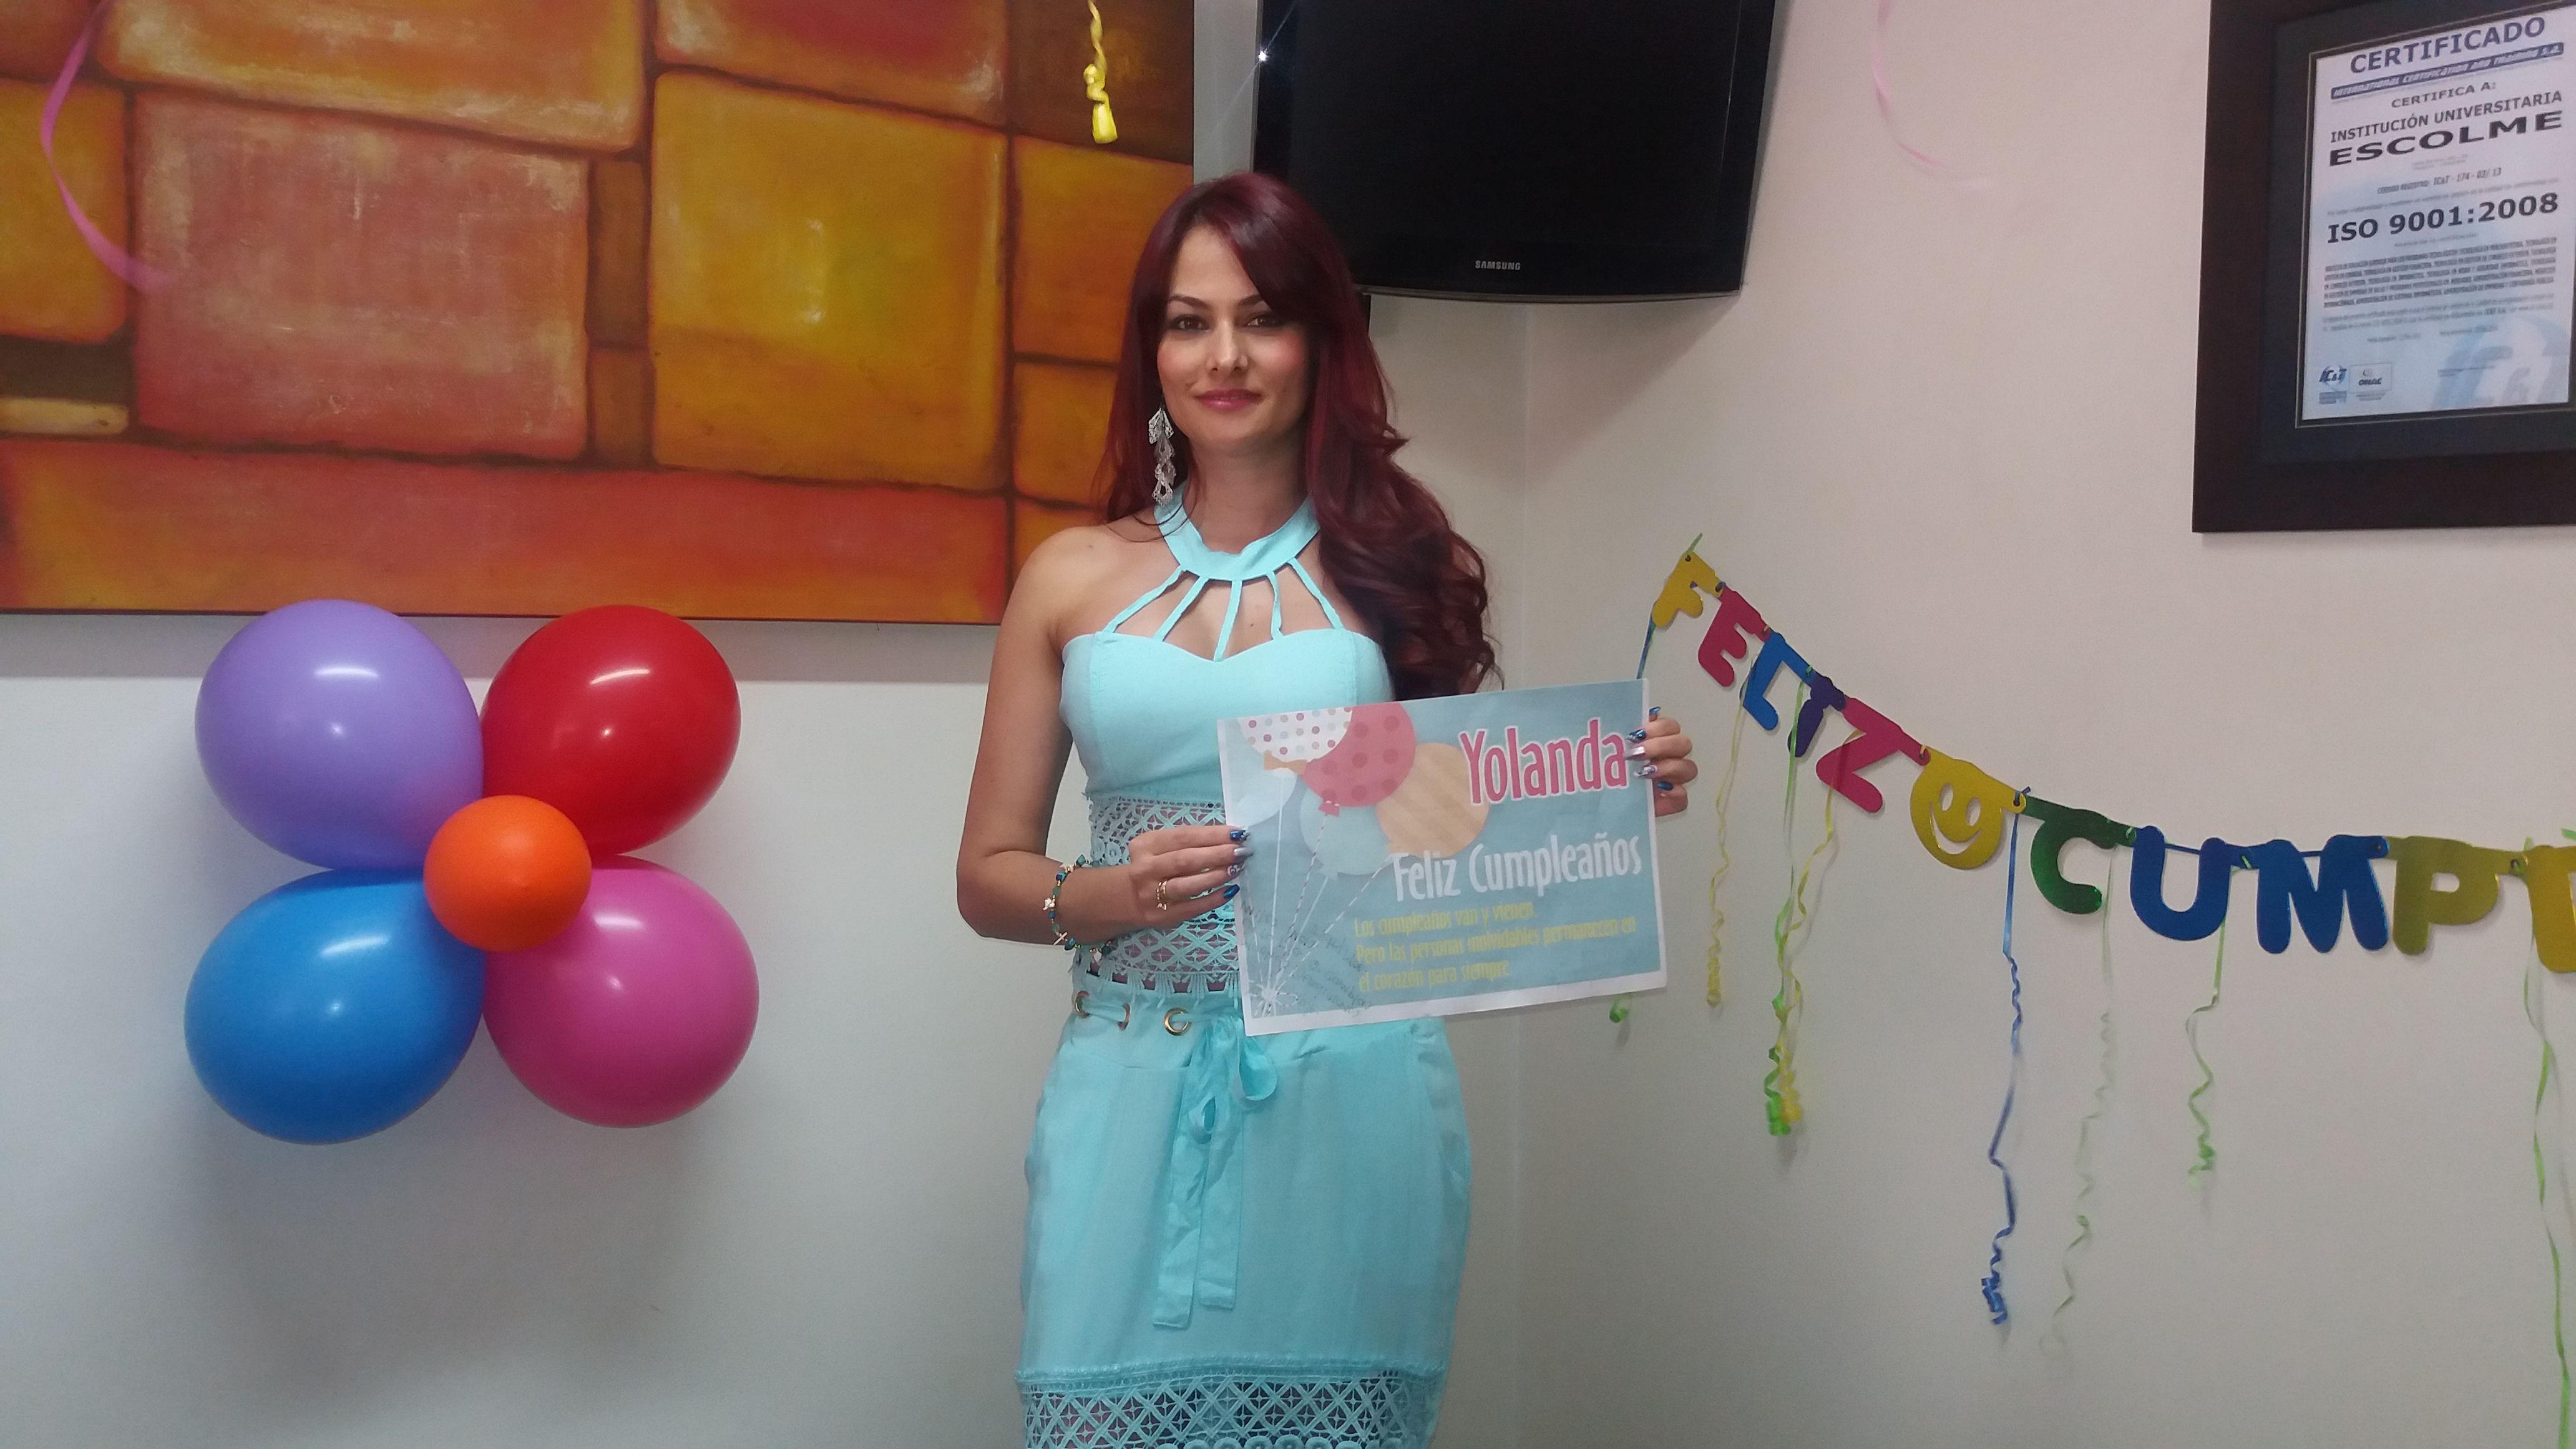 ESCOLME le desea un Feliz Cumpleaños a nuestra recepcionista Yolanda Gómez ¡Felicitaciones en su día!